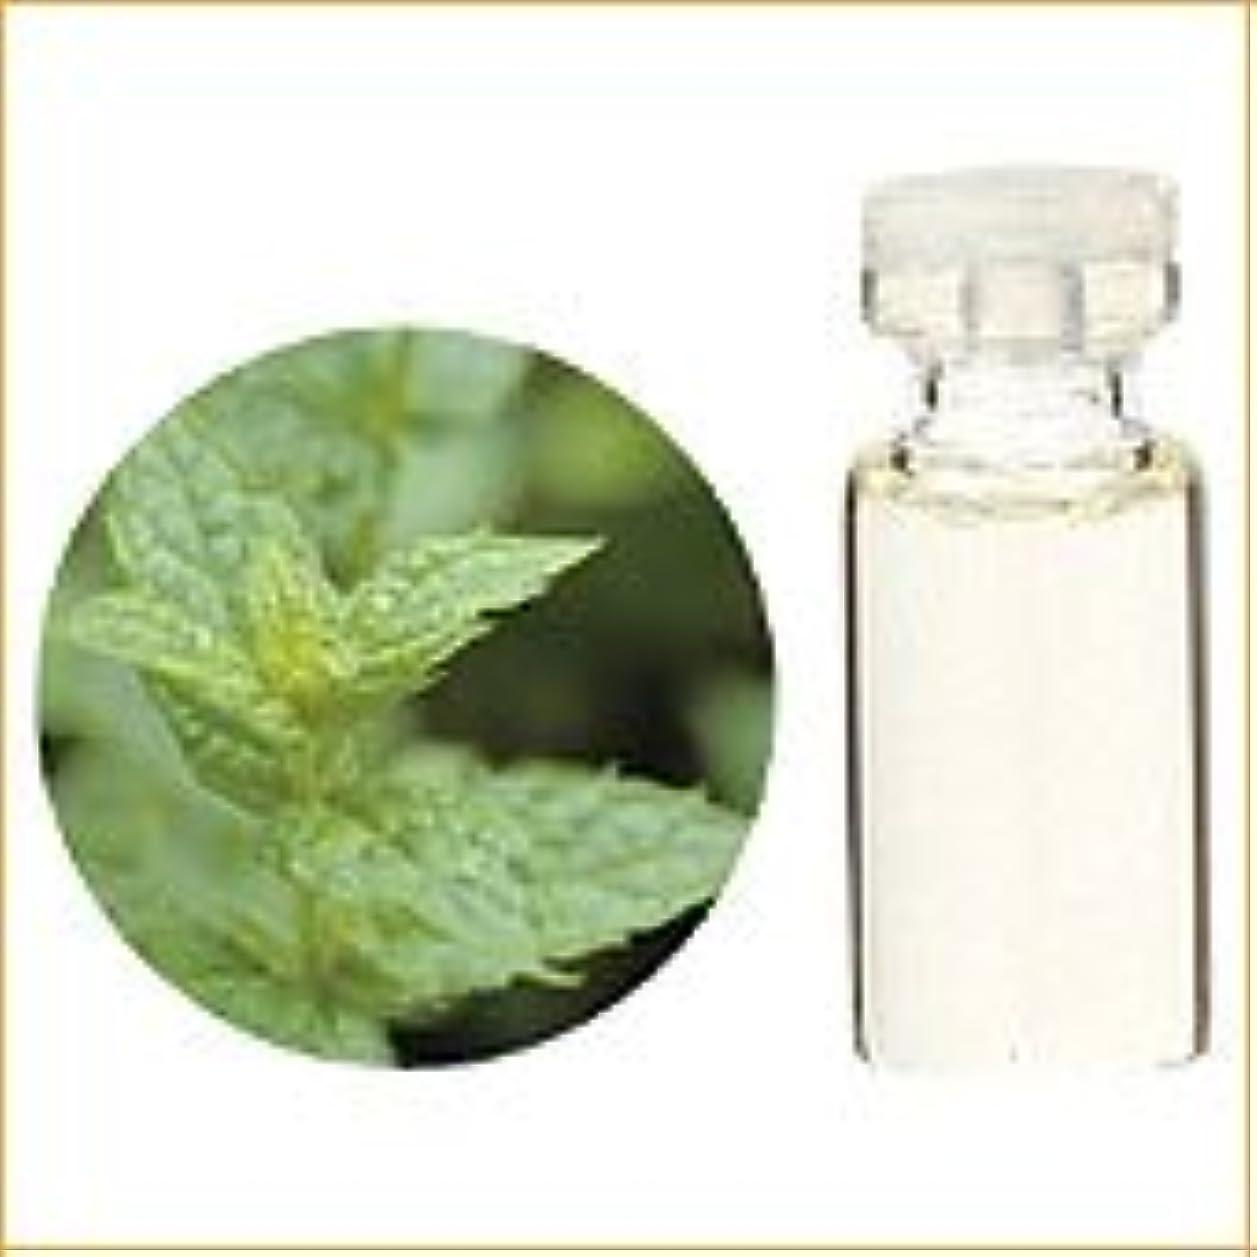 特異な肌寒い遷移生活の木 アロマオイル スペアミント 精油 10ml (Tree of Life Essential Oil/エッセンシャルオイル)